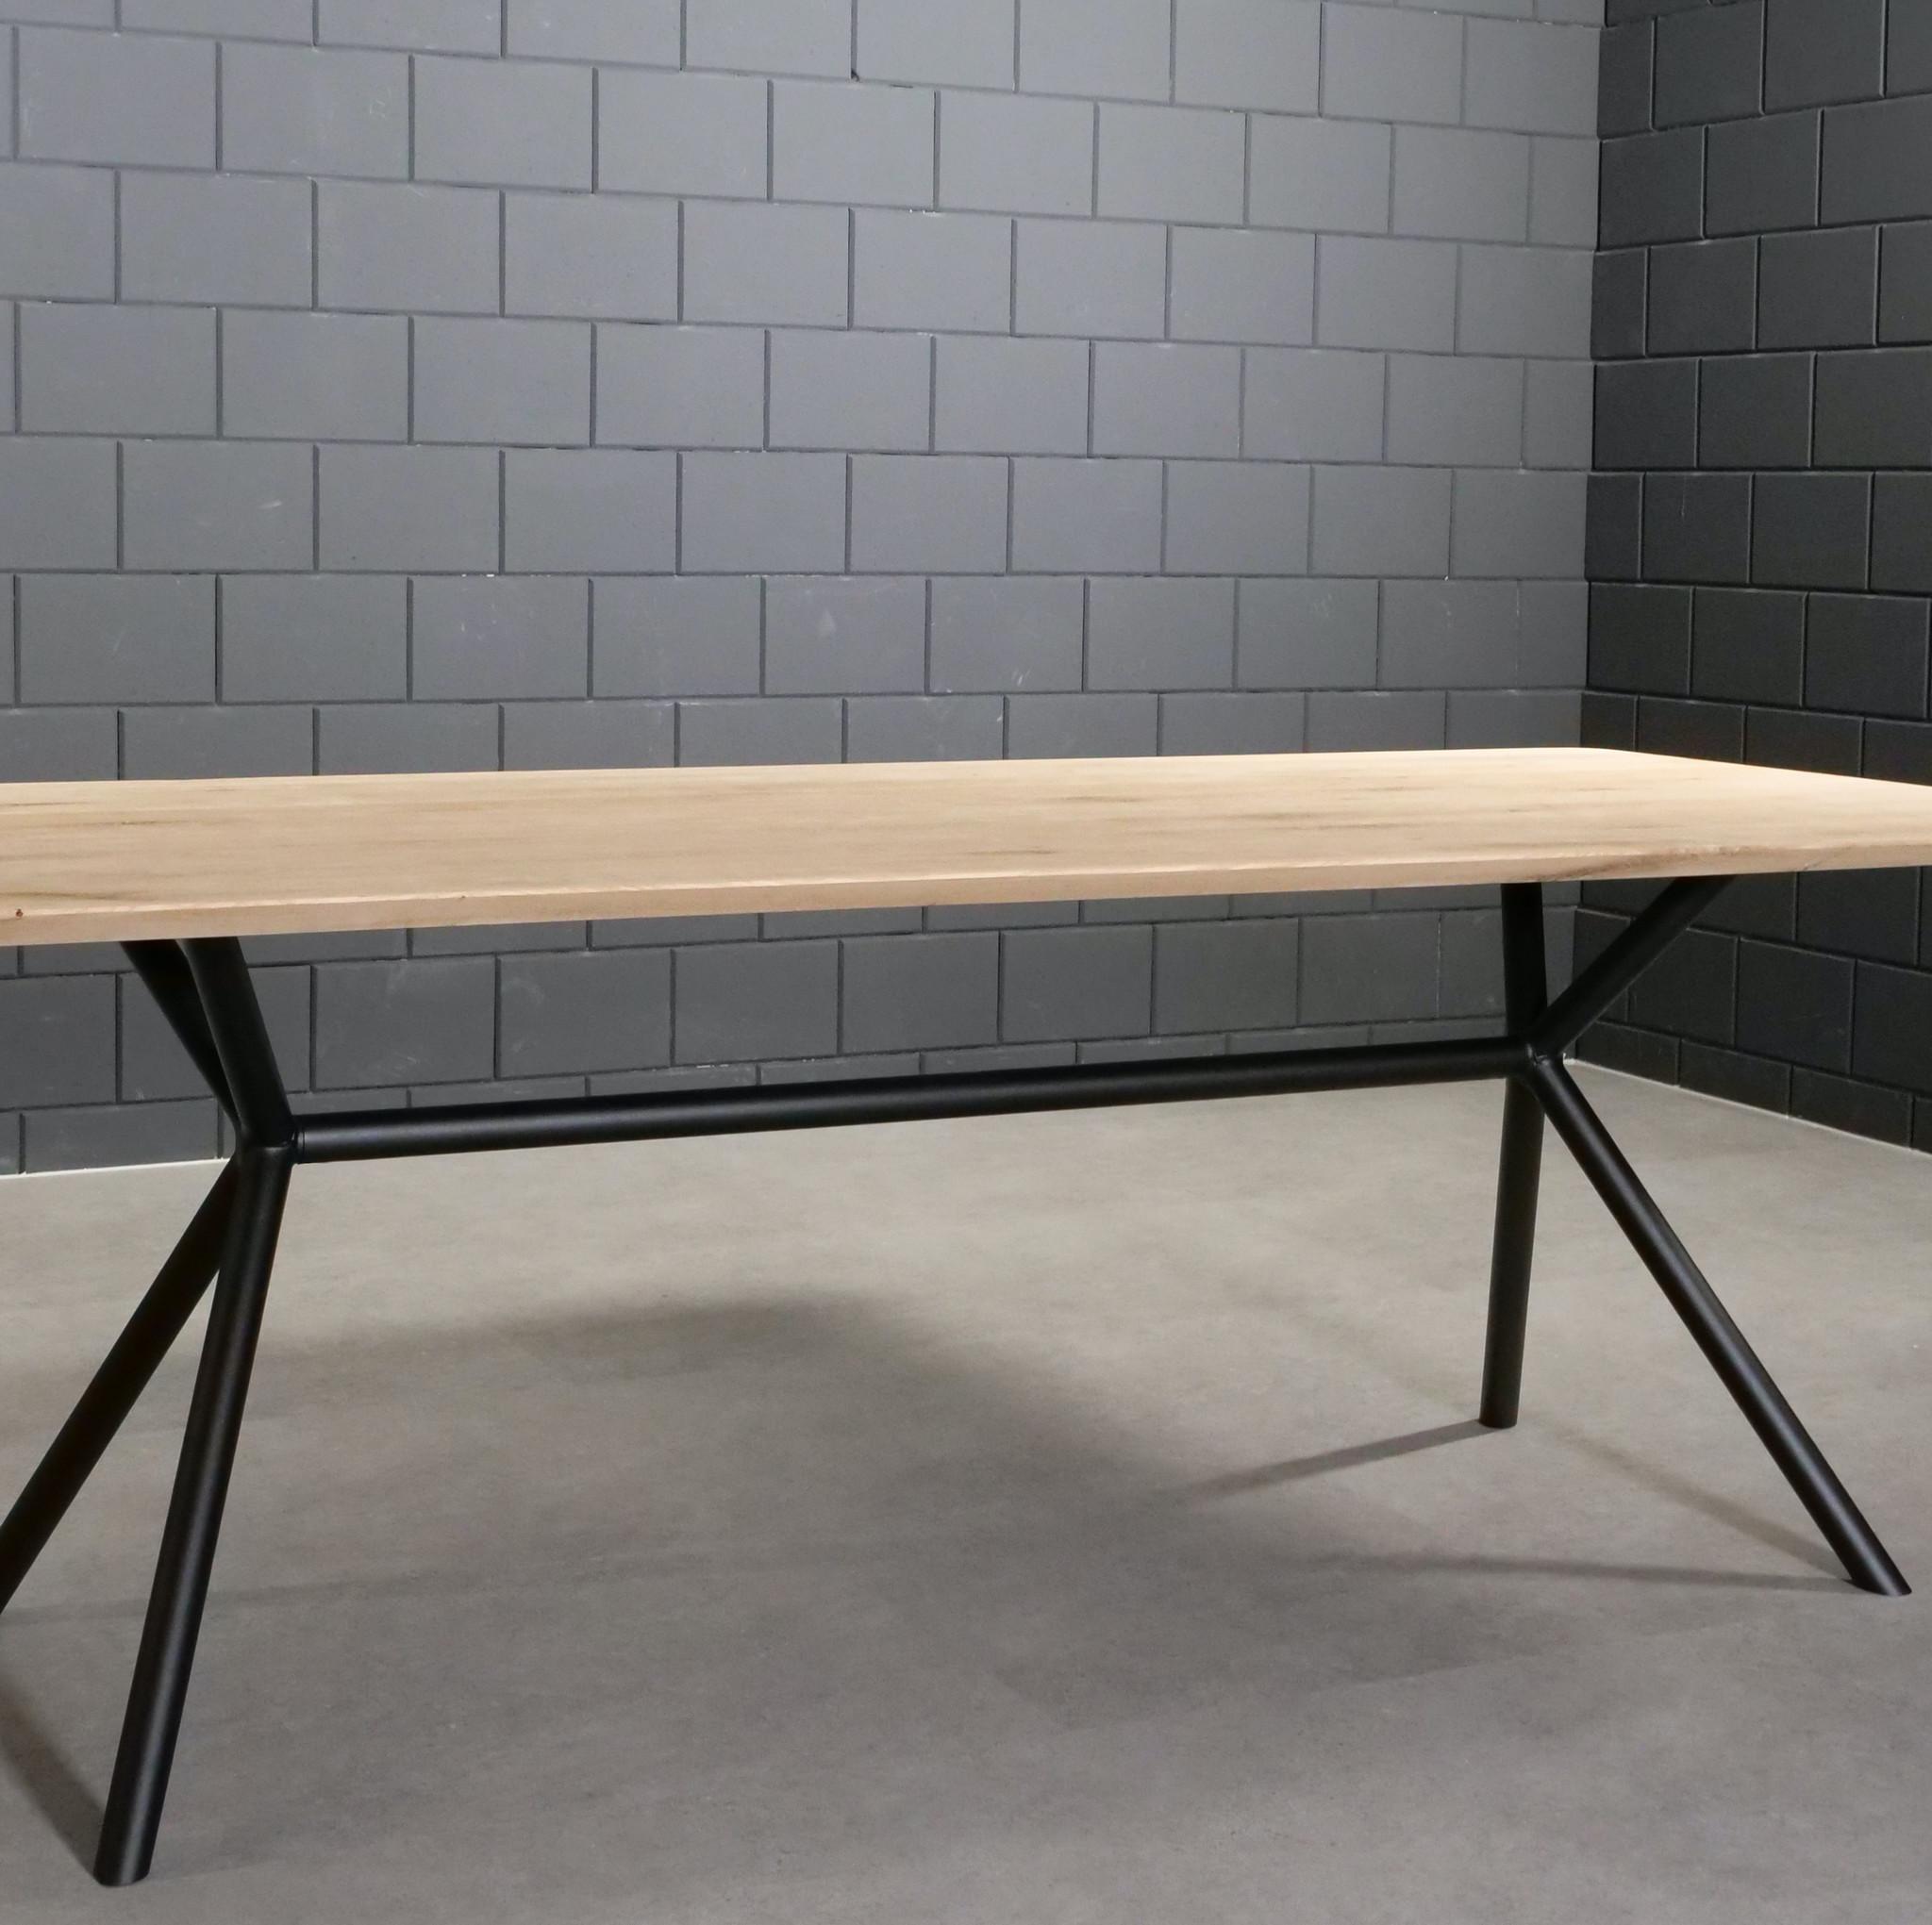 Tischgestell Metall 3D X-Beine Frame rund - 3-Teilig - 4,2 cm - 70x212 cm - 72cm hoch - Stahl Tischuntergestell - Rechteck - Beschichtet - Schwarz